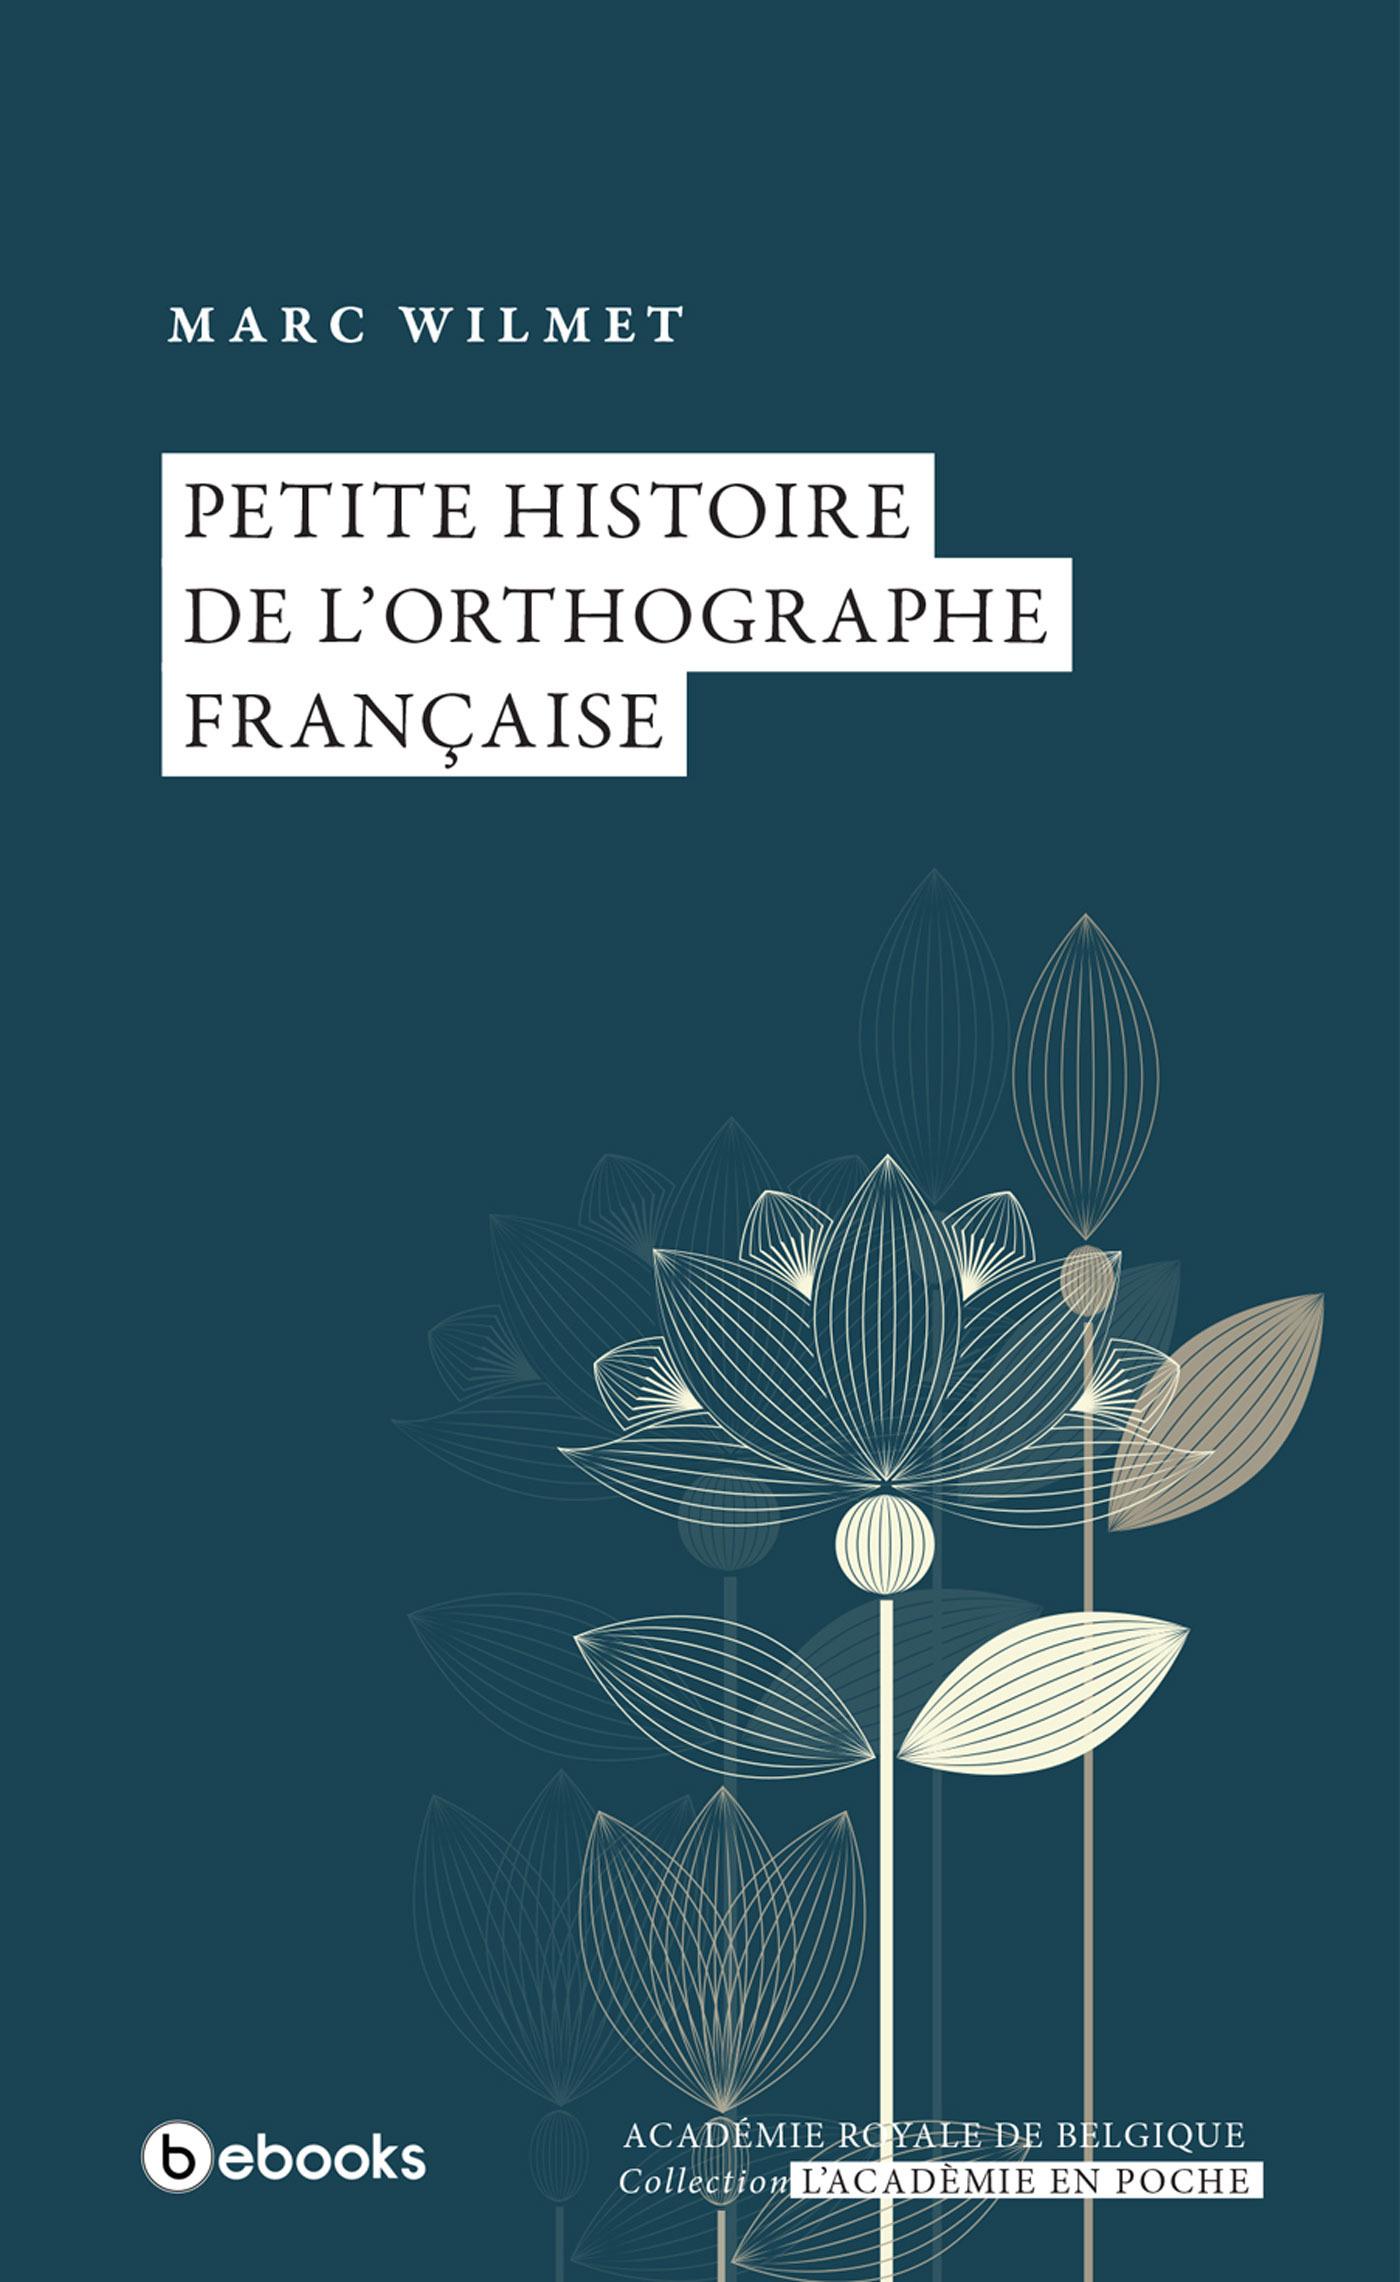 Marc Wilmet Petite histoire de l'orthographe française